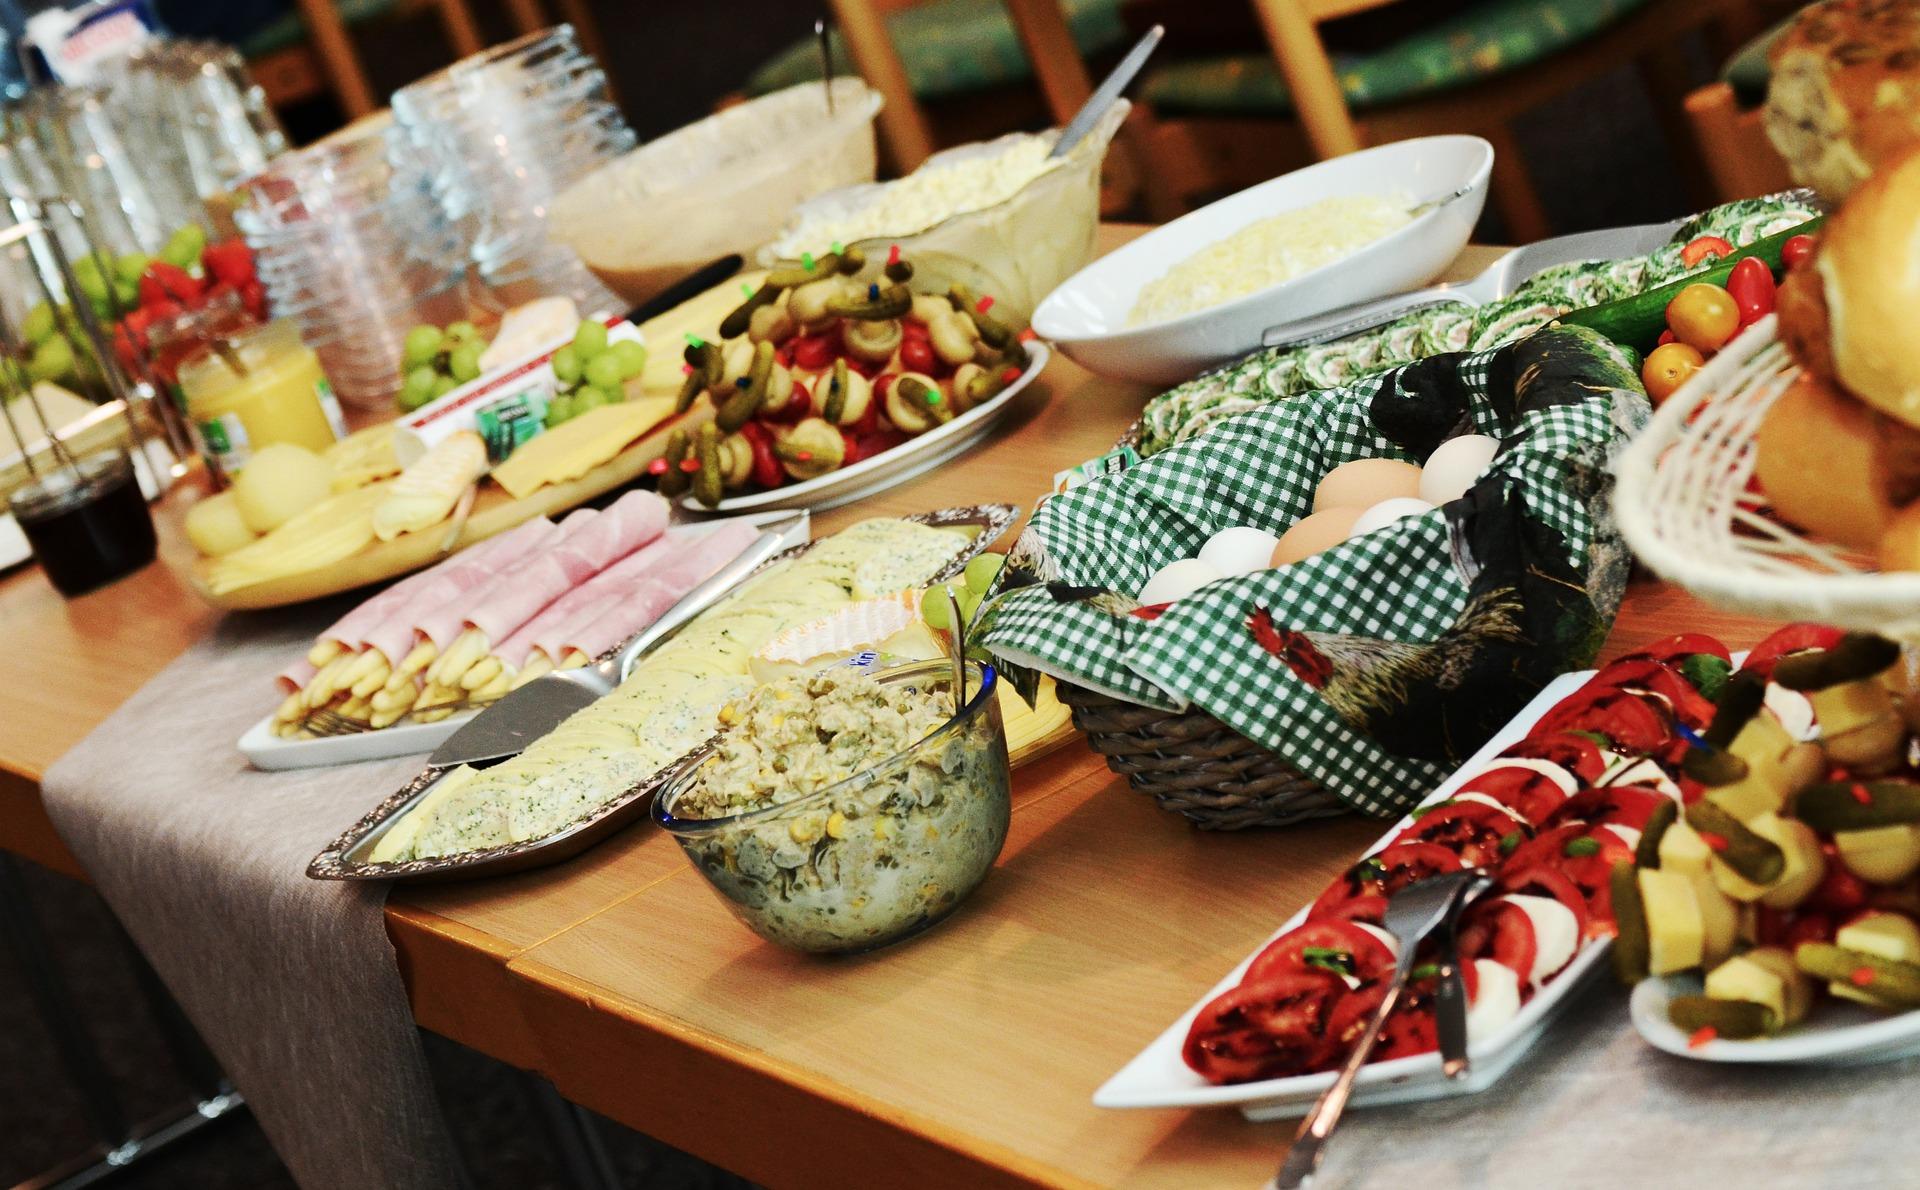 Vrijdag 18 september - Gastentafel: buffet van streek producten.